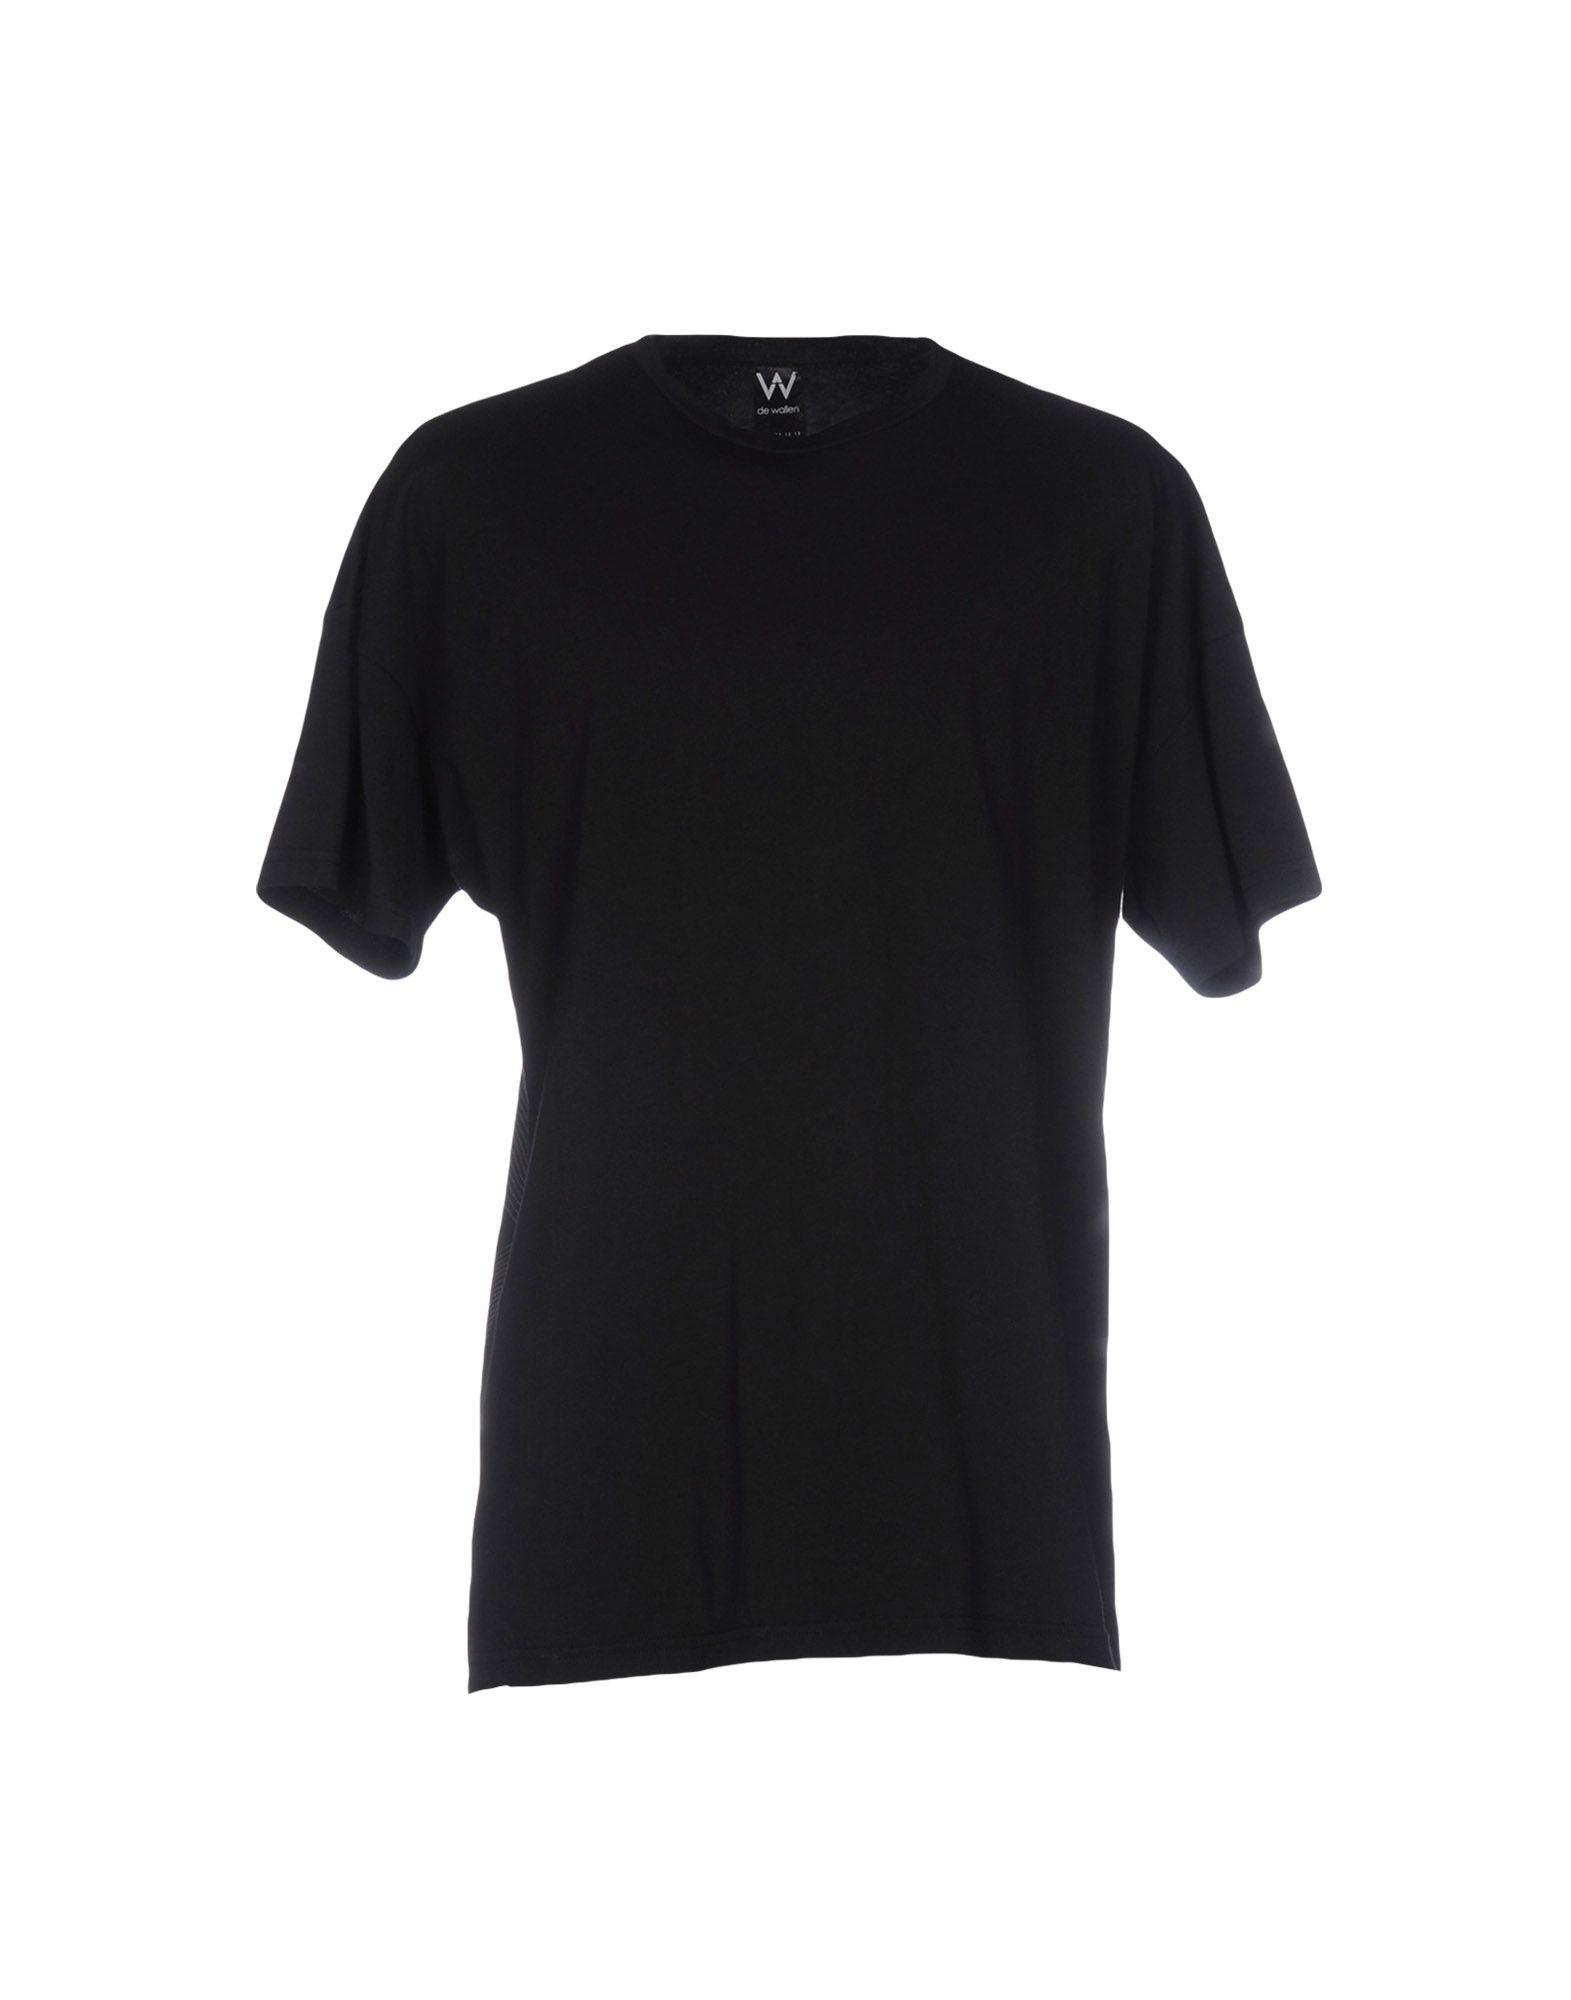 ФОТО de wallen футболка